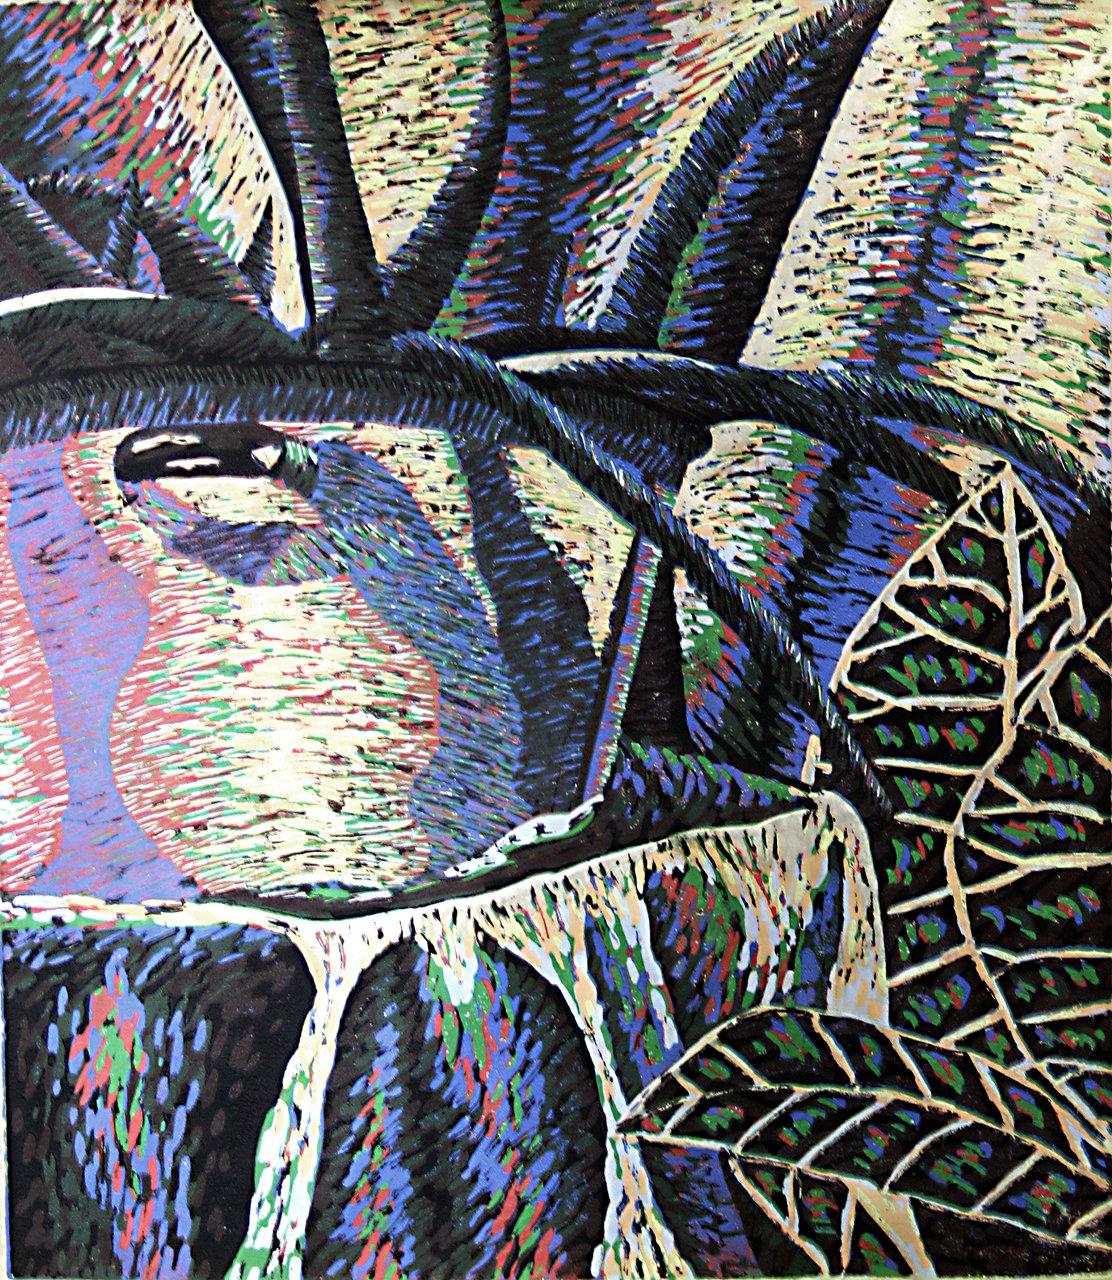 Linoleum carving print still life